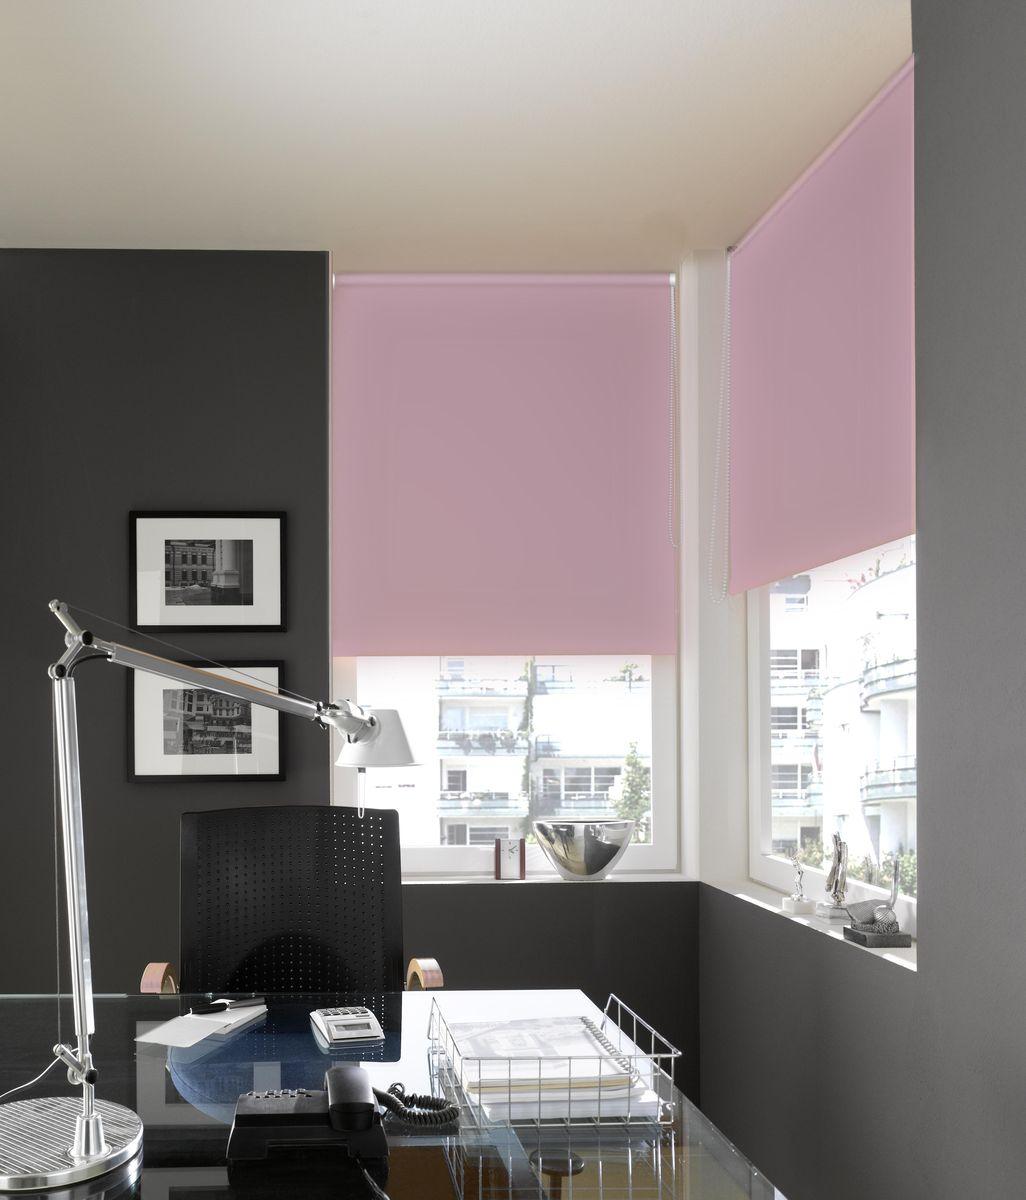 Штора рулонная Эскар Миниролло. Blackout, светонепроницаемая, цвет: розовый кварц, ширина 98 см, высота 170 см34933098170Рулонными шторами можно оформлять окна как самостоятельно, так и использовать в комбинации с портьерами. Это поможет предотвратить выгорание дорогой ткани на солнце и соединит функционал рулонных с красотой навесных. Преимущества применения рулонных штор для пластиковых окон: - имеют прекрасный внешний вид: многообразие и фактурность материала изделия отлично смотрятся в любом интерьере; - многофункциональны: есть возможность подобрать шторы способные эффективно защитить комнату от солнца, при этом она не будет слишком темной. - Есть возможность осуществить быстрый монтаж. ВНИМАНИЕ! Размеры ширины изделия указаны по ширине ткани! Во время эксплуатации не рекомендуется полностью разматывать рулон, чтобы не оторвать ткань от намоточного вала. В случае загрязнения поверхности ткани, чистку шторы проводят одним из способов, в зависимости от типа загрязнения: легкое поверхностное загрязнение можно удалить при помощи канцелярского ластика; чистка от пыли производится сухим методом при...